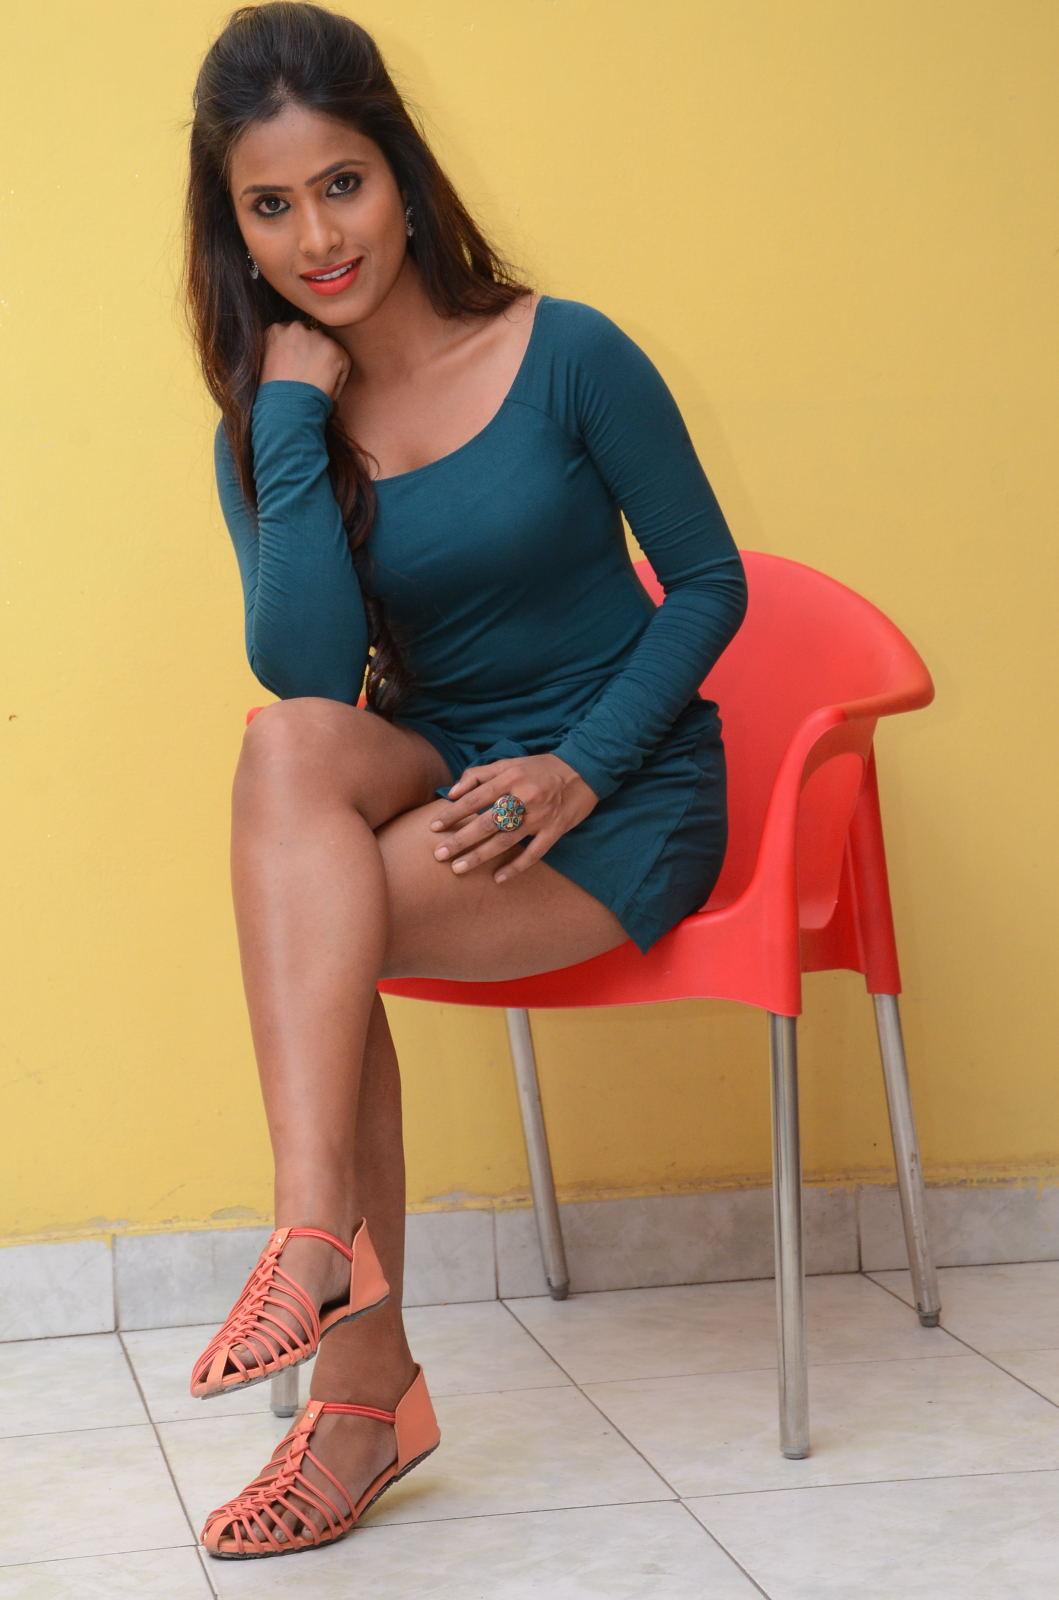 prashanthi Super Hot Prashanthi In Sexy Outfit | Indian Cinema | Models | Actresses Prashanthi Hot Photo Stills 131